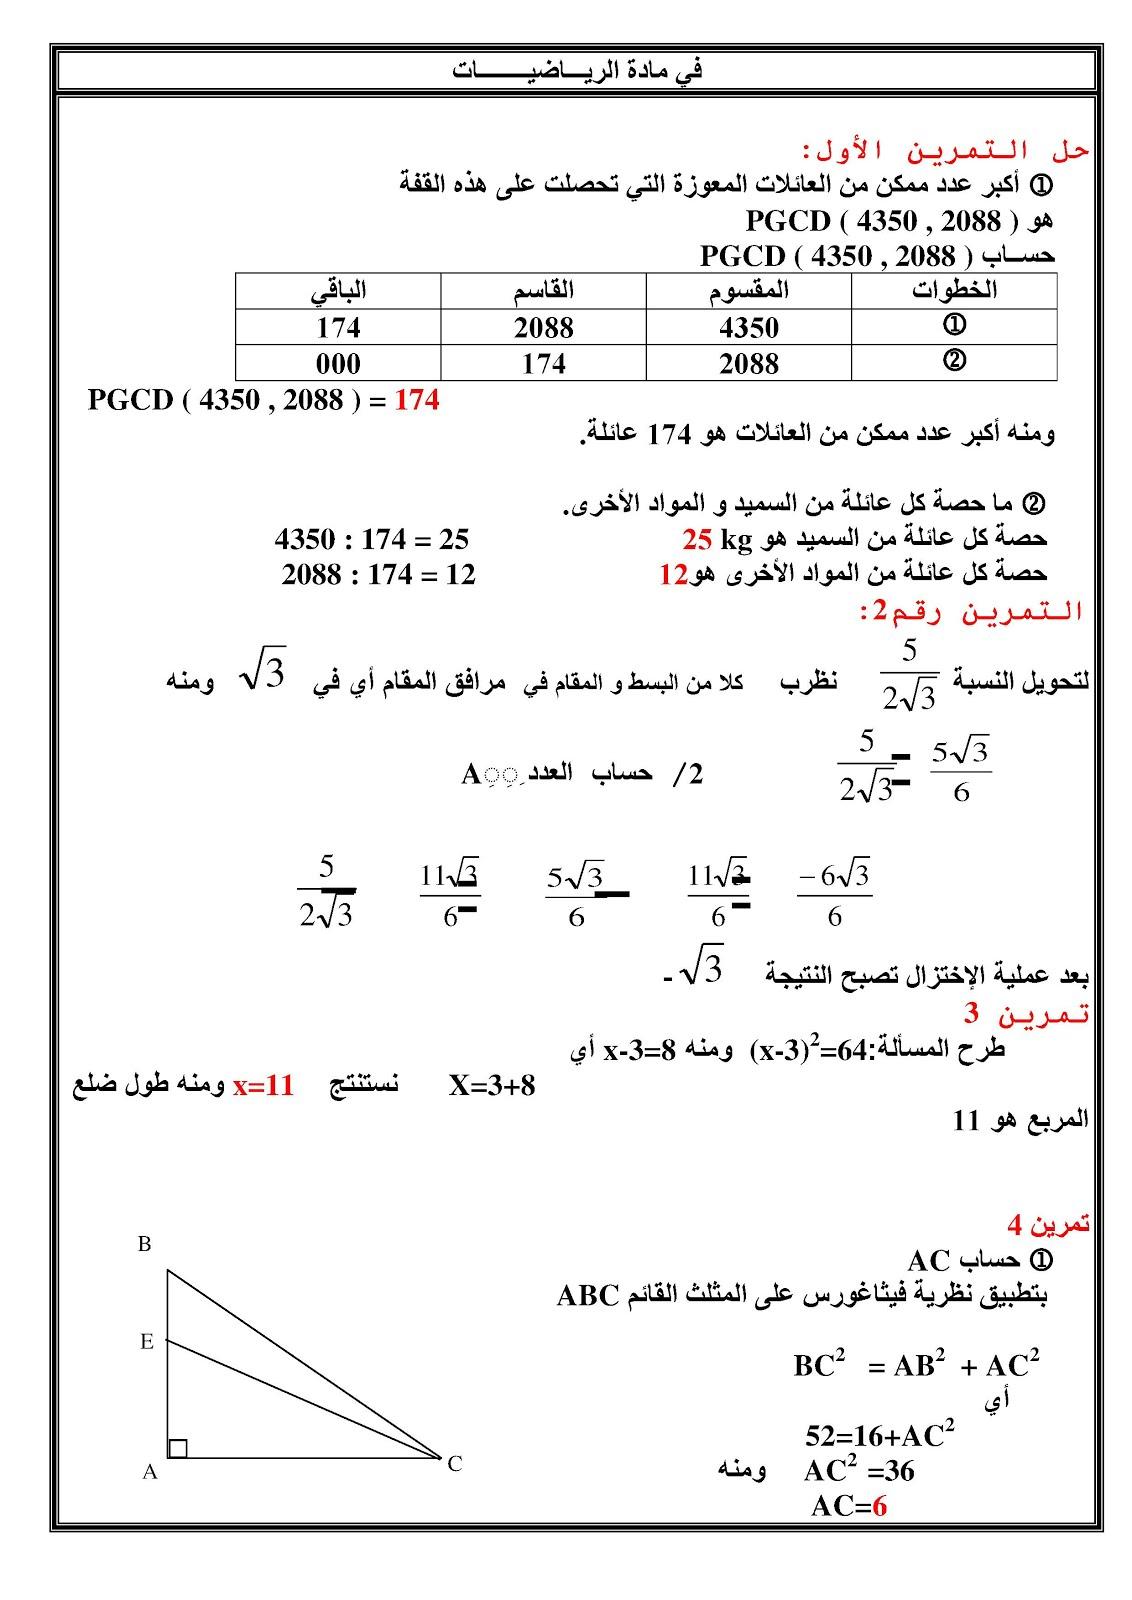 إختبار الفصل الأول في مادة الرياضيات